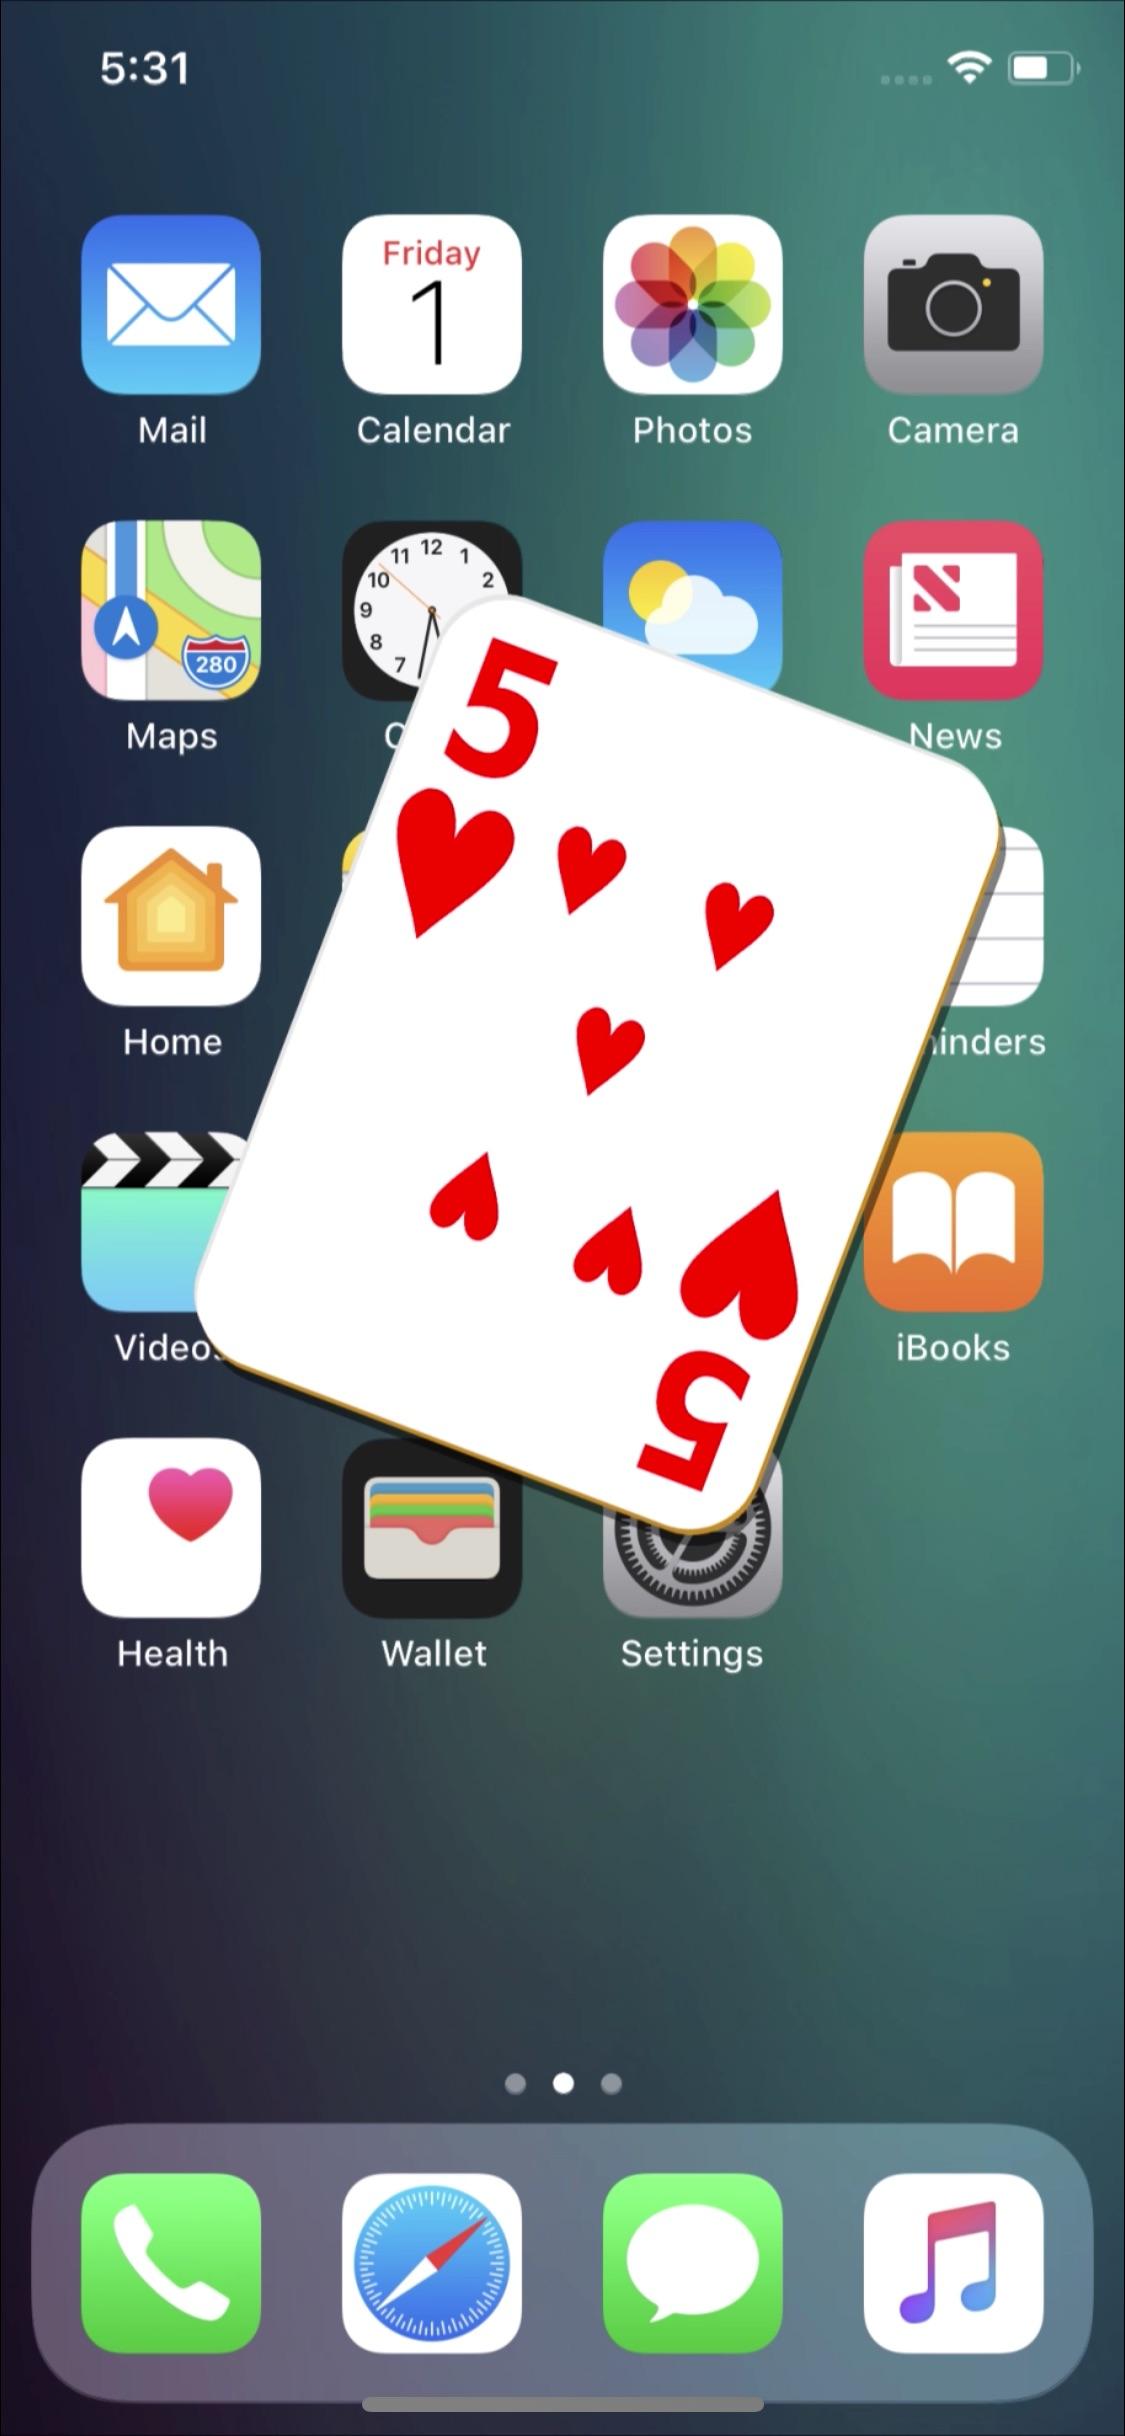 iPhone Tricks to Amaze